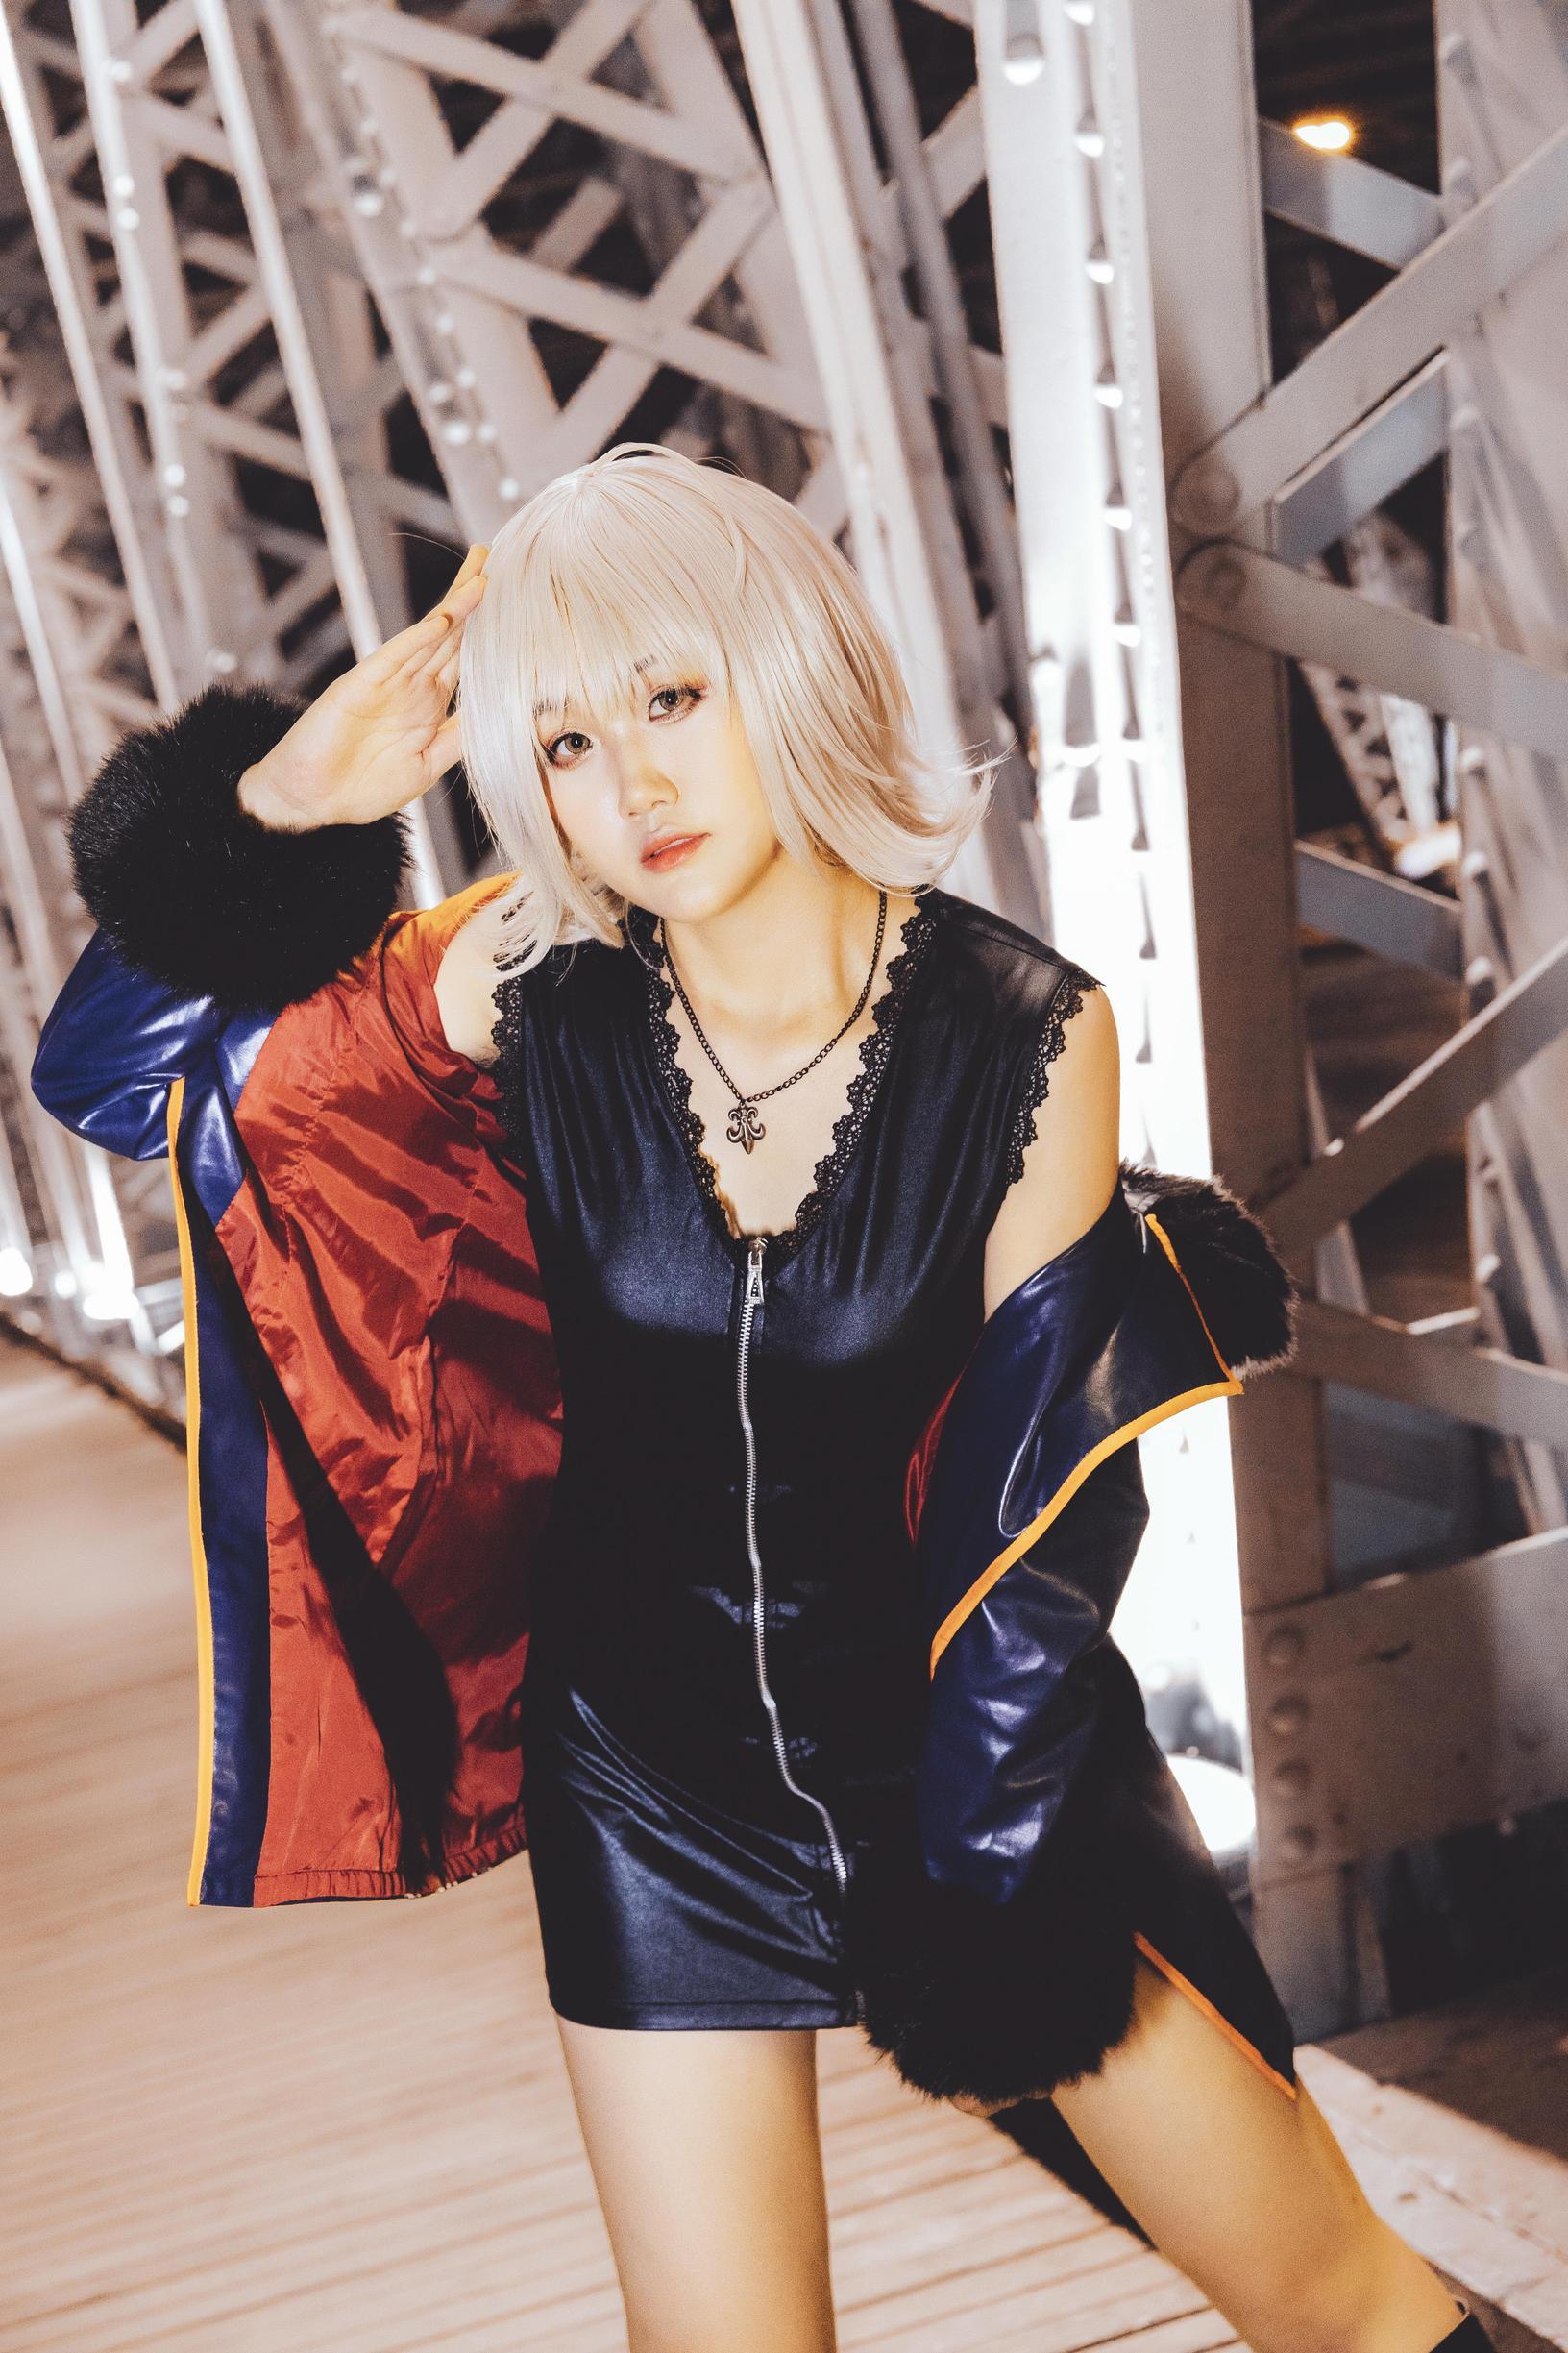 《FATE/STAY NIGHT》正片cosplay【CN:姚子雪曲】-第7张